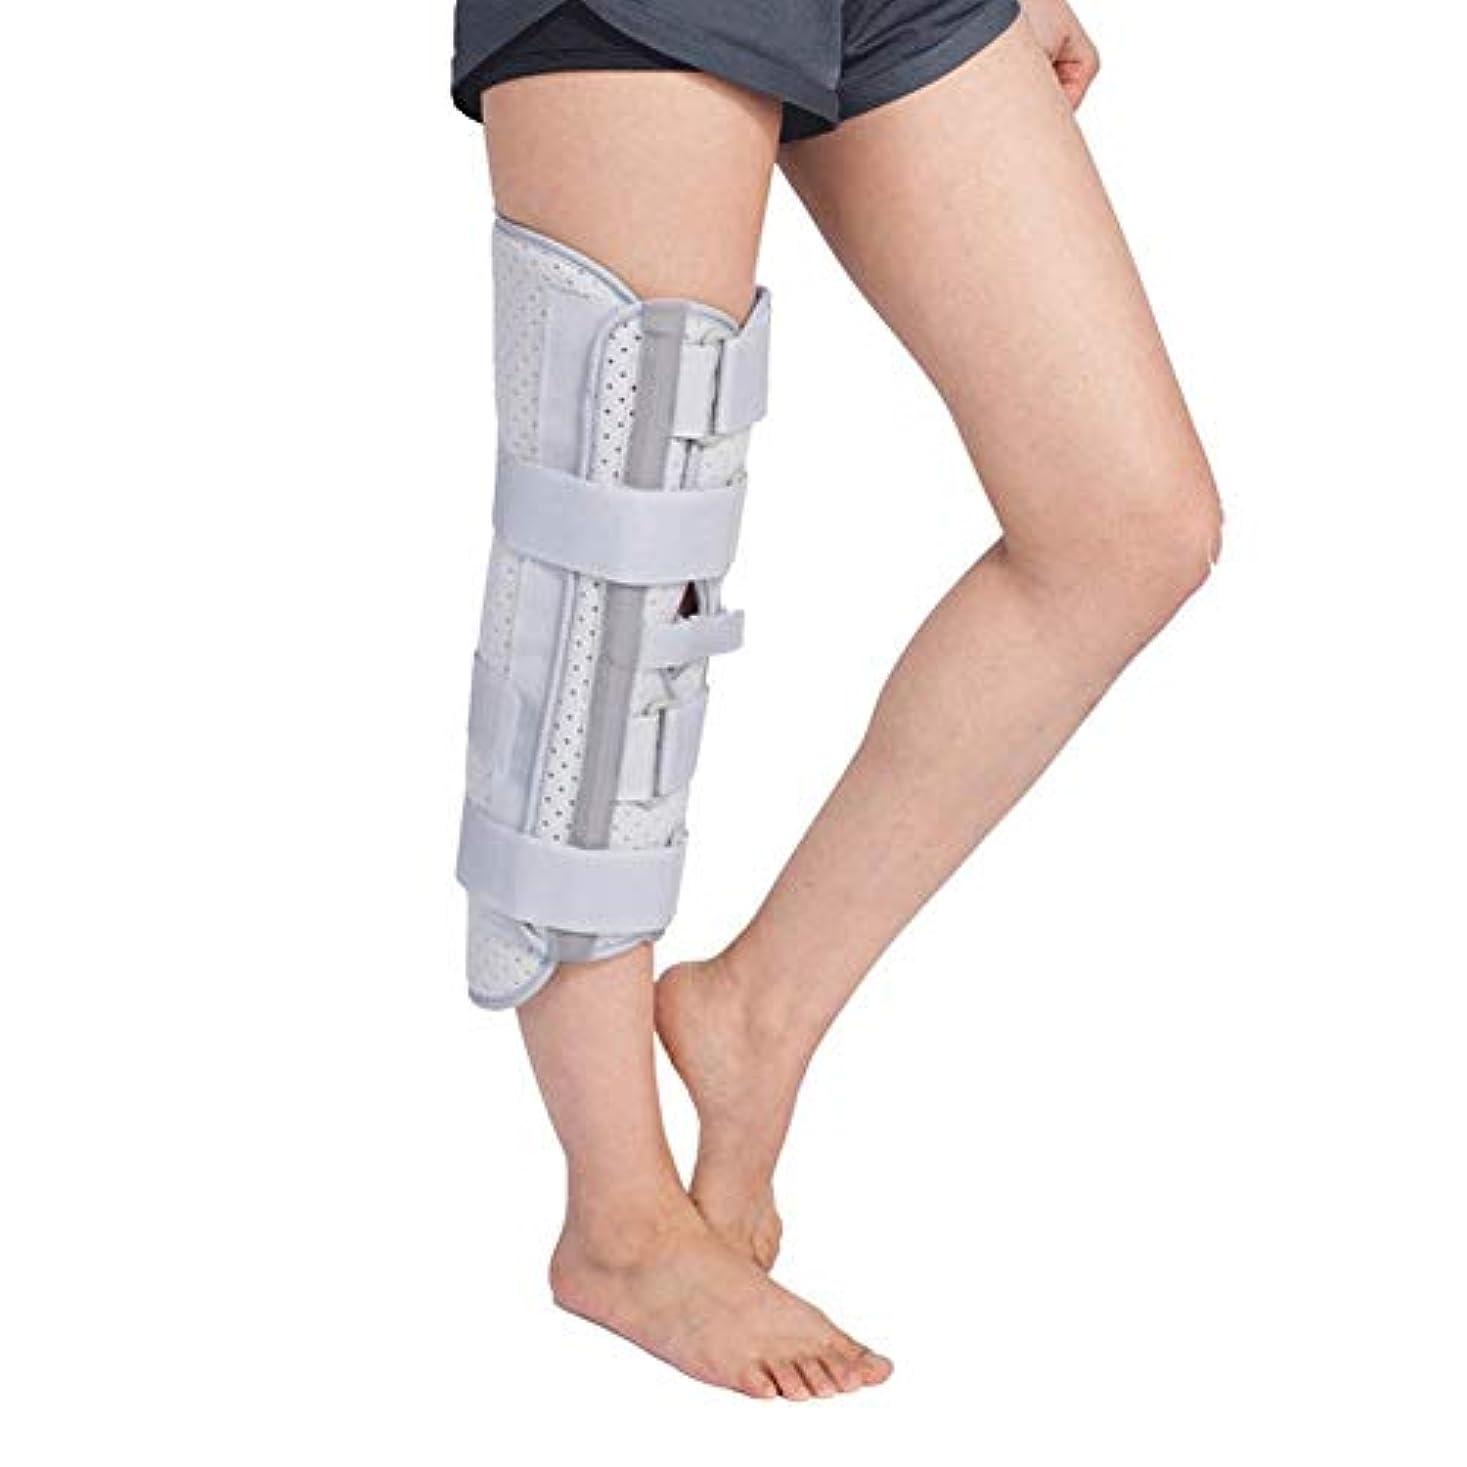 課税教養があるローマ人膝ポストプリ操作&手術の回復ストレート膝スプリントのサポートのために、適切な通気性と軽量膝固定装具、全下肢装具 (Size : L)